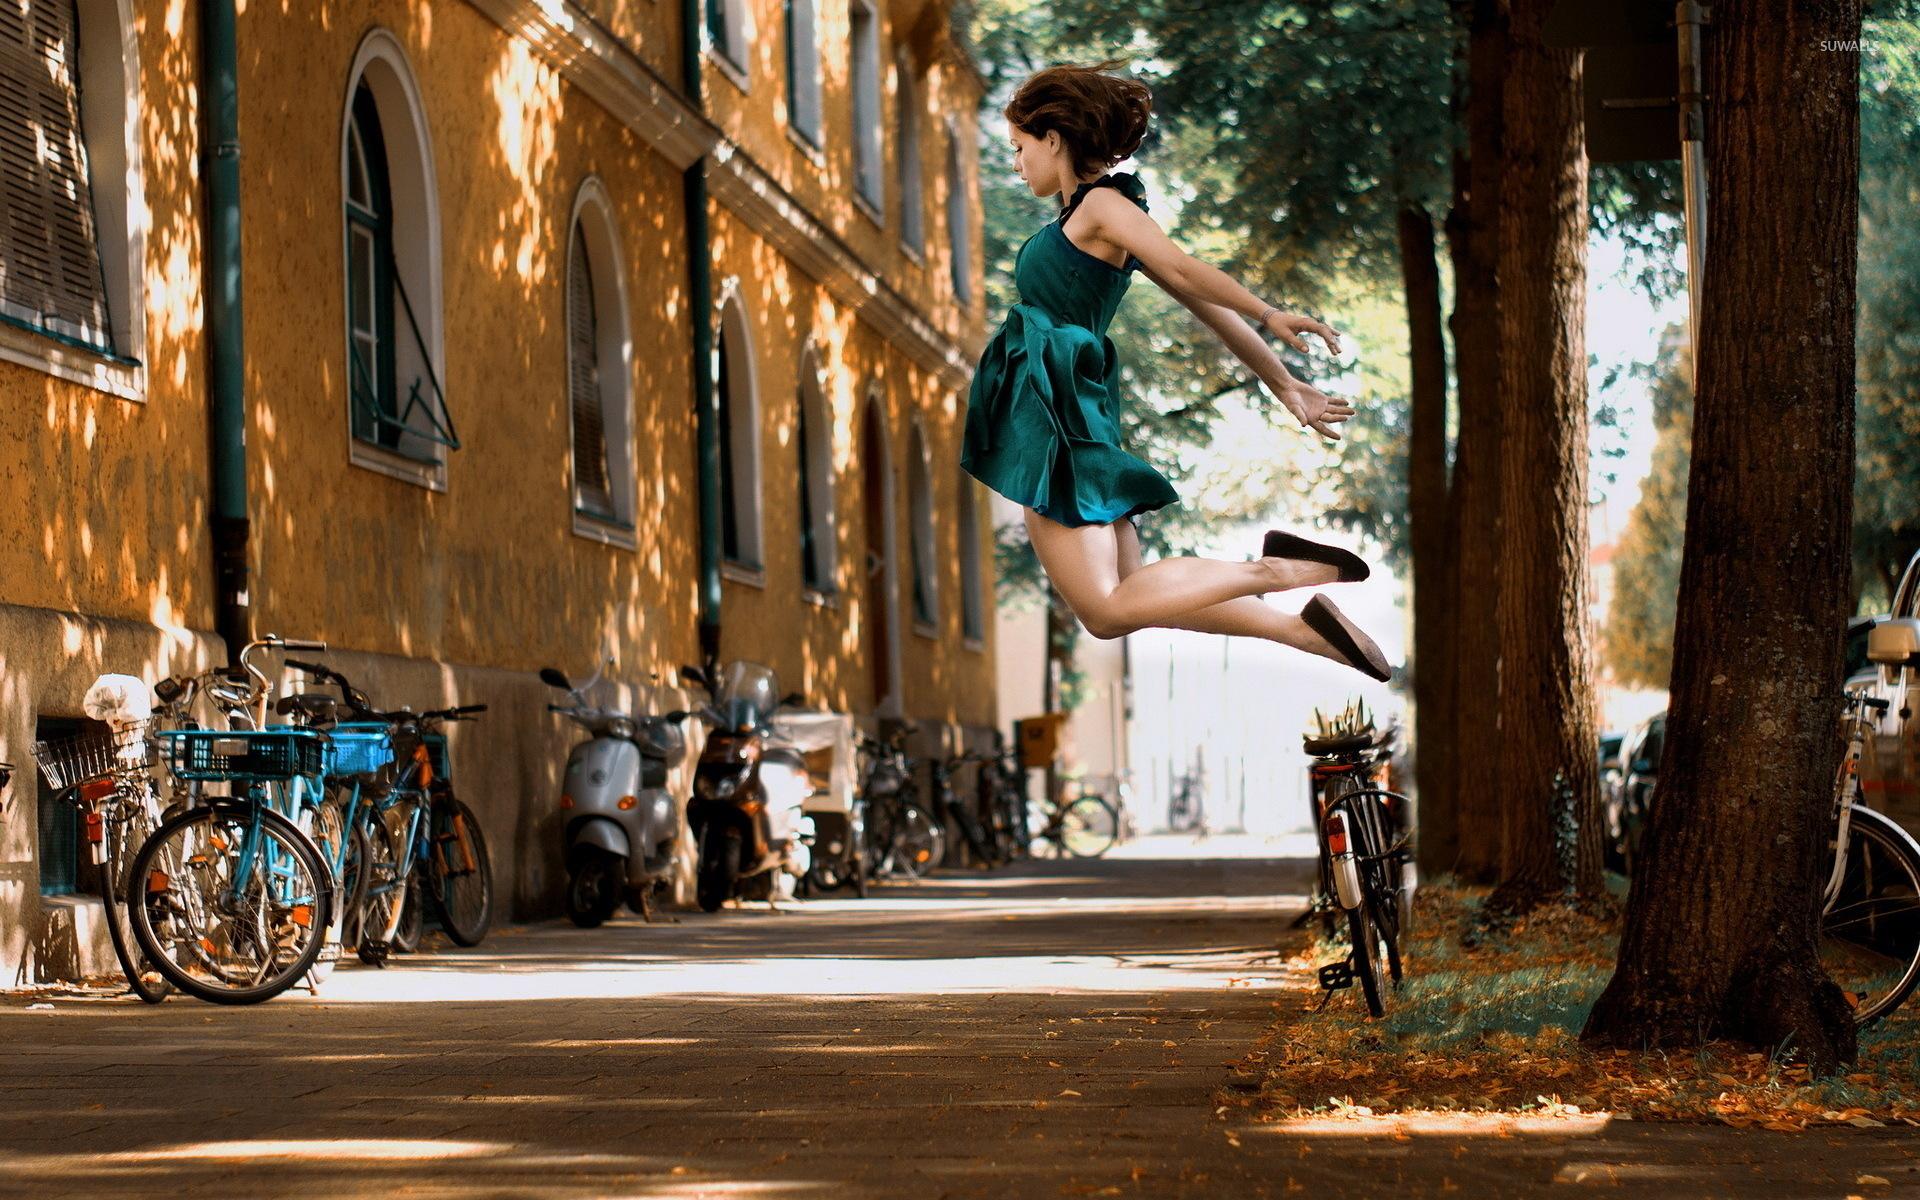 Bmx sport bikes wallpaper photography wallpapers 45373 girl jumping wallpaper 1920x1200 jpg voltagebd Gallery